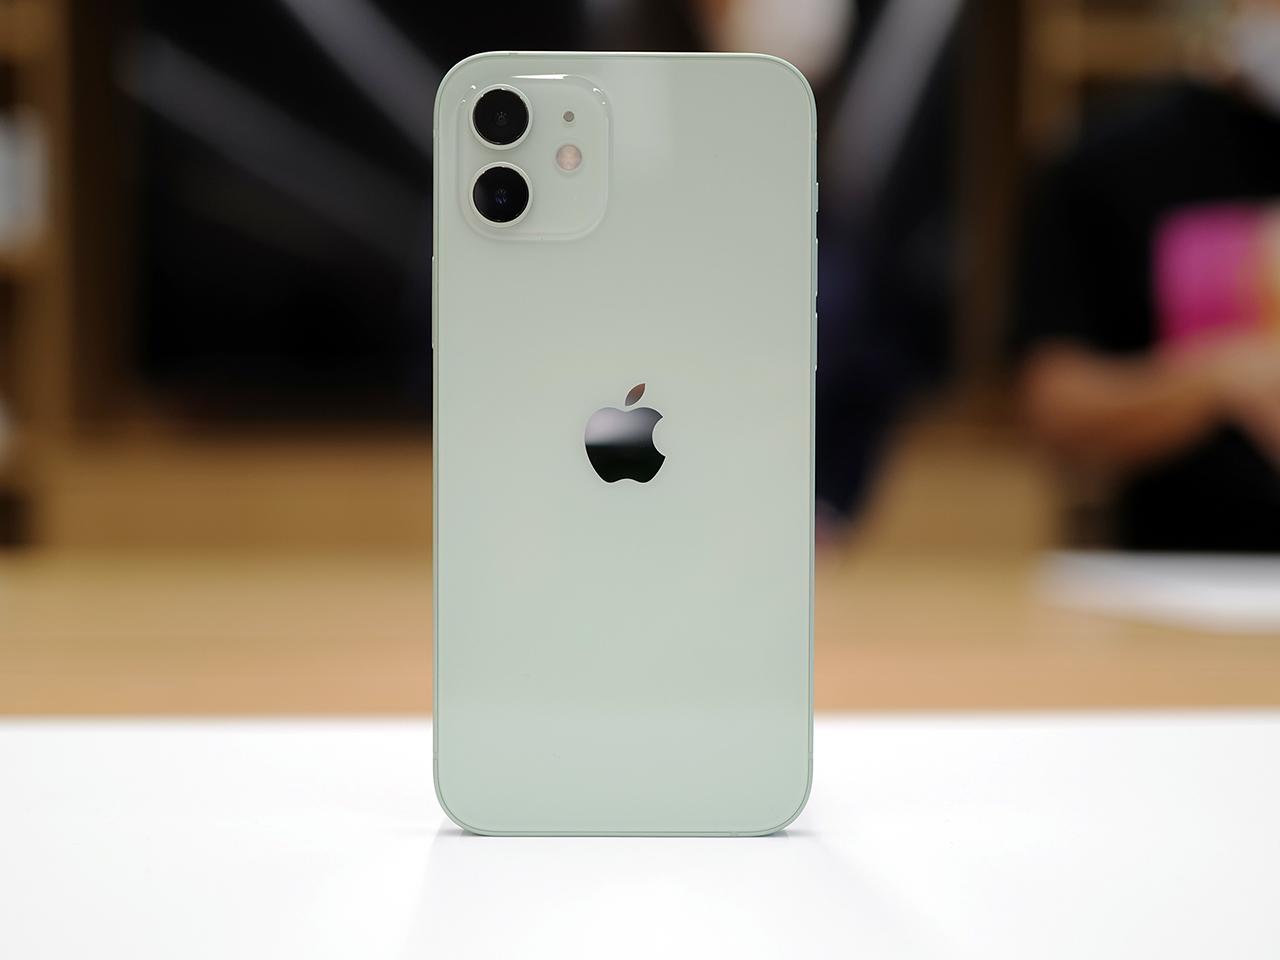 防水宣传误导 苹果在意大利被罚款1000万欧元